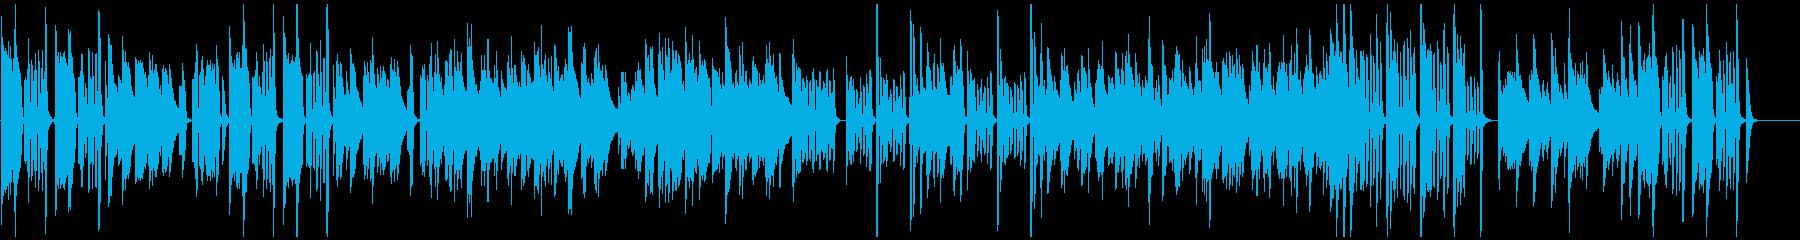 コミカルにめまぐるしく展開するピアノの再生済みの波形